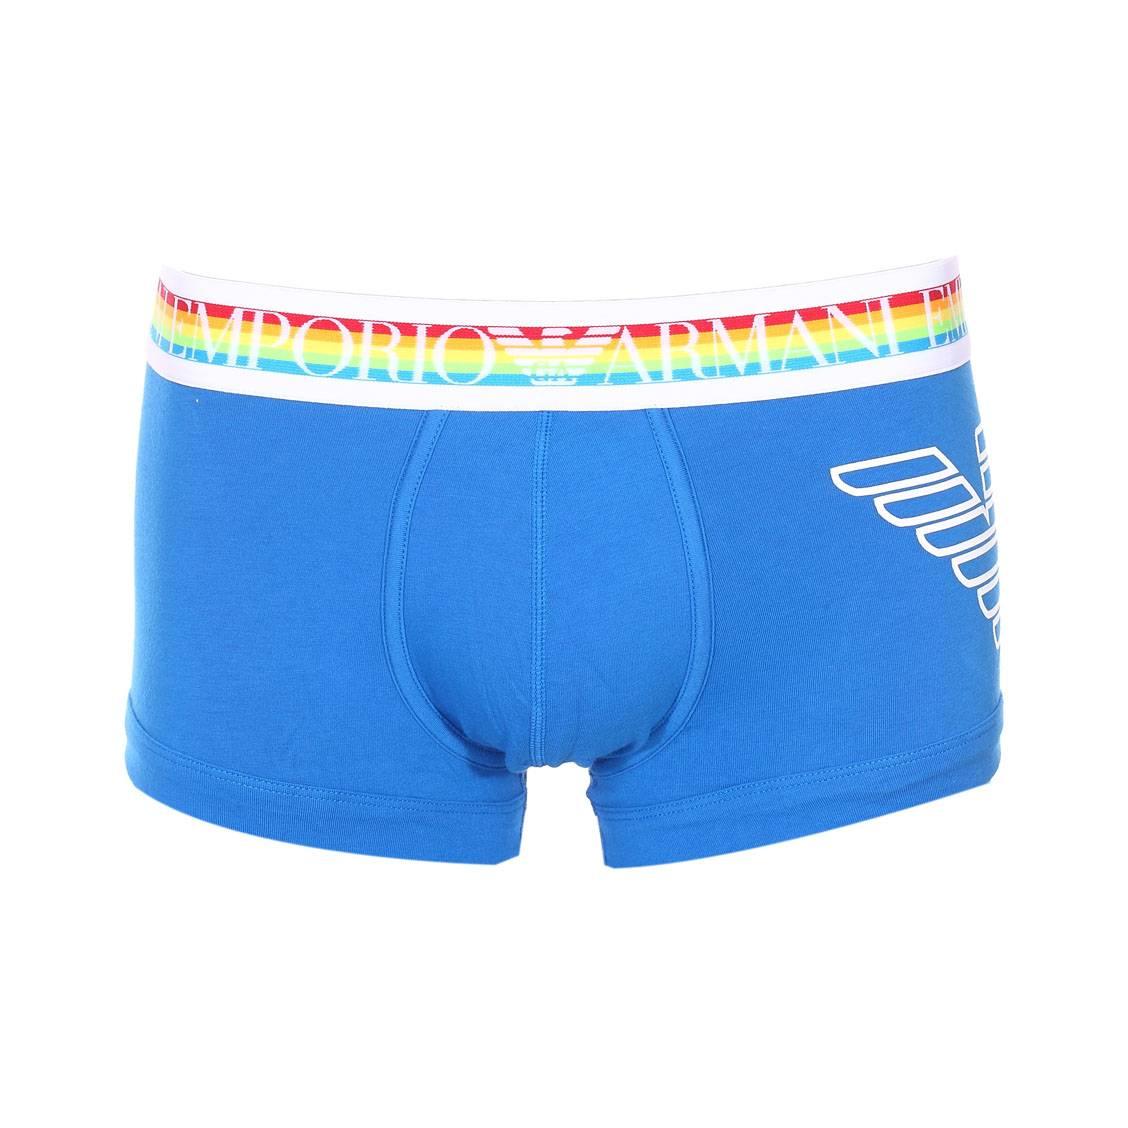 Boxer  en coton stretch bleu roi à ceinture arc-en-ciel